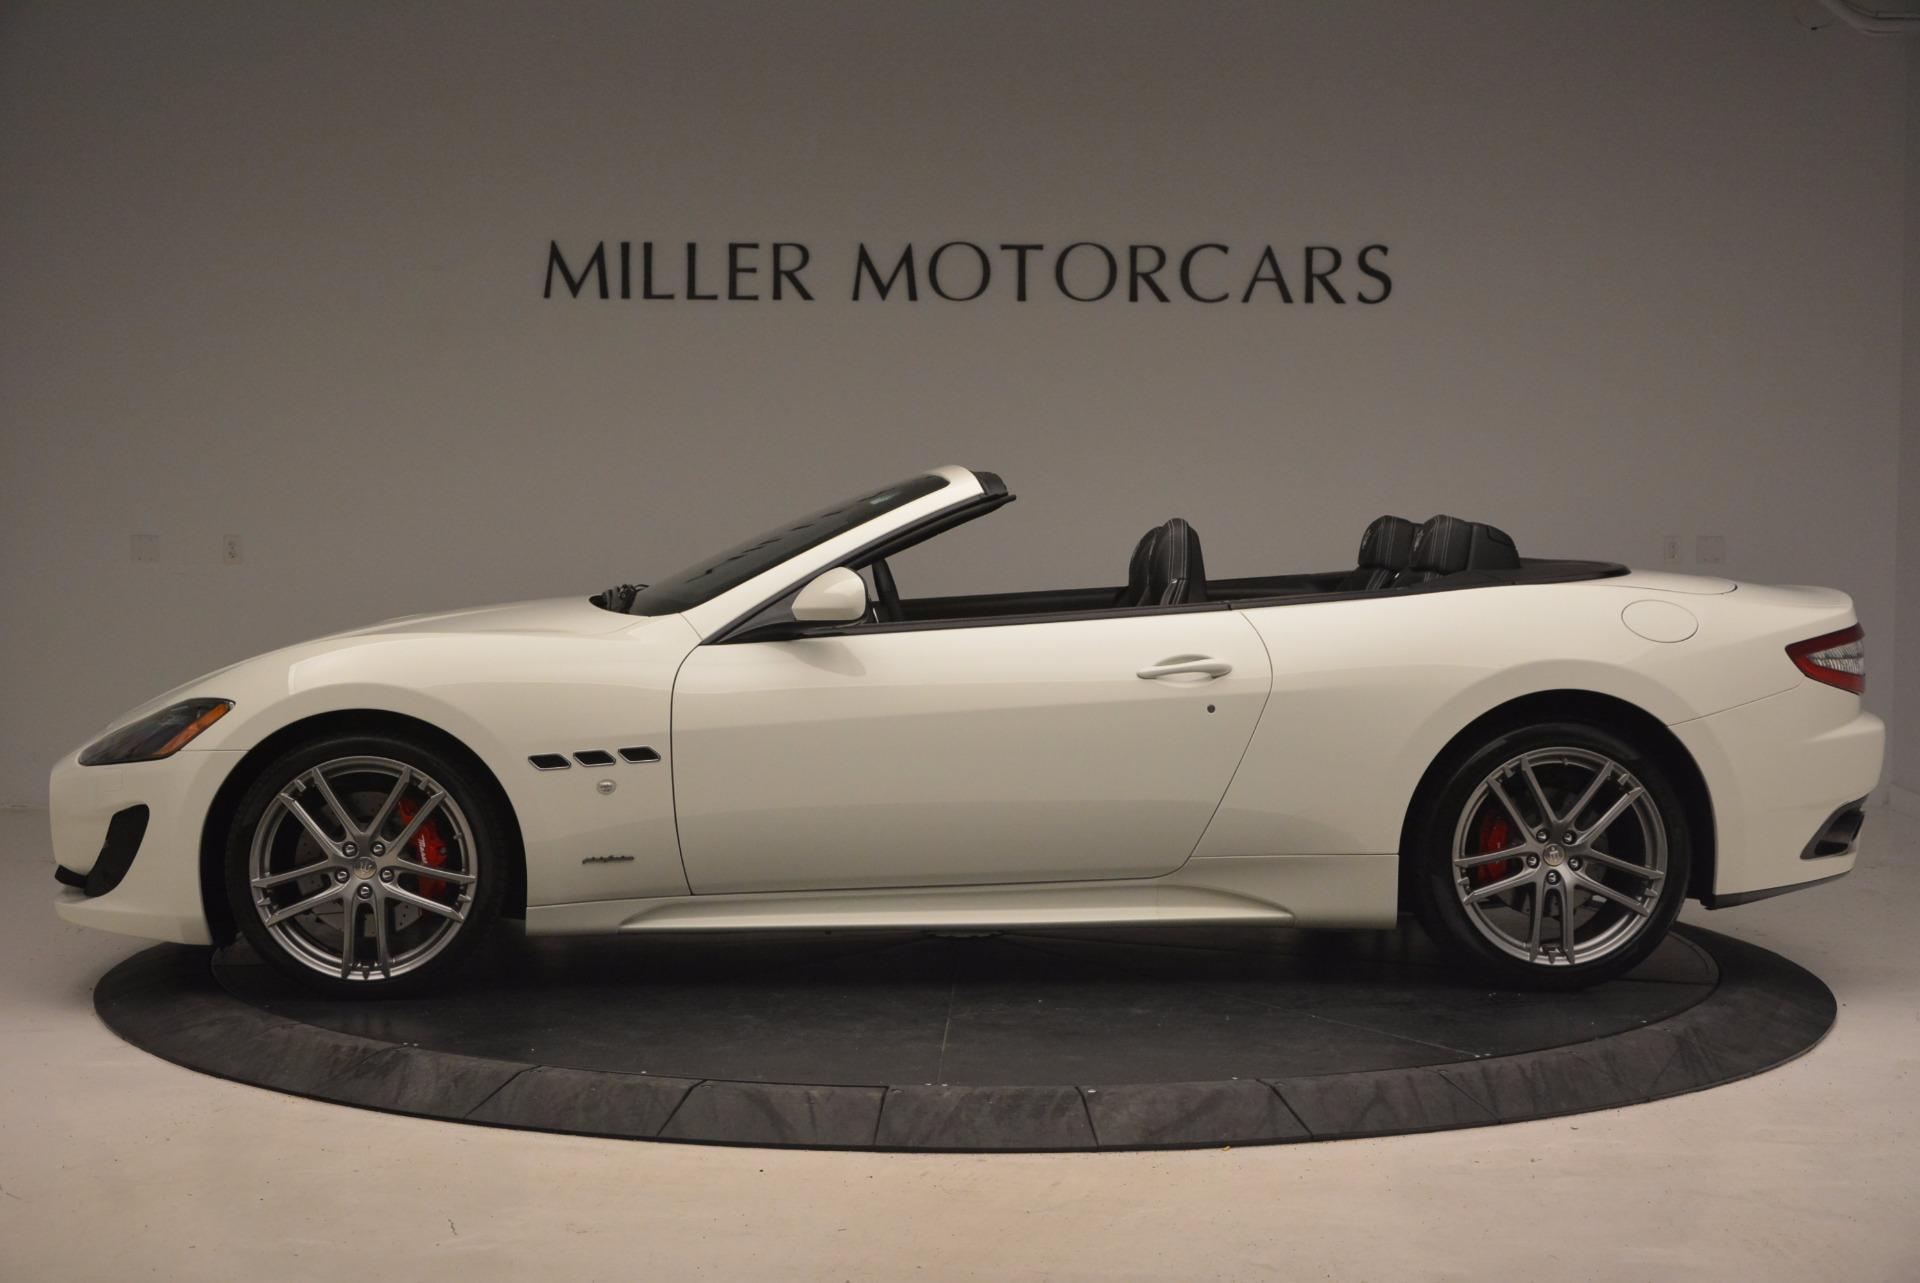 Used 2016 Maserati GranTurismo Sport For Sale In Greenwich, CT 1278_p3